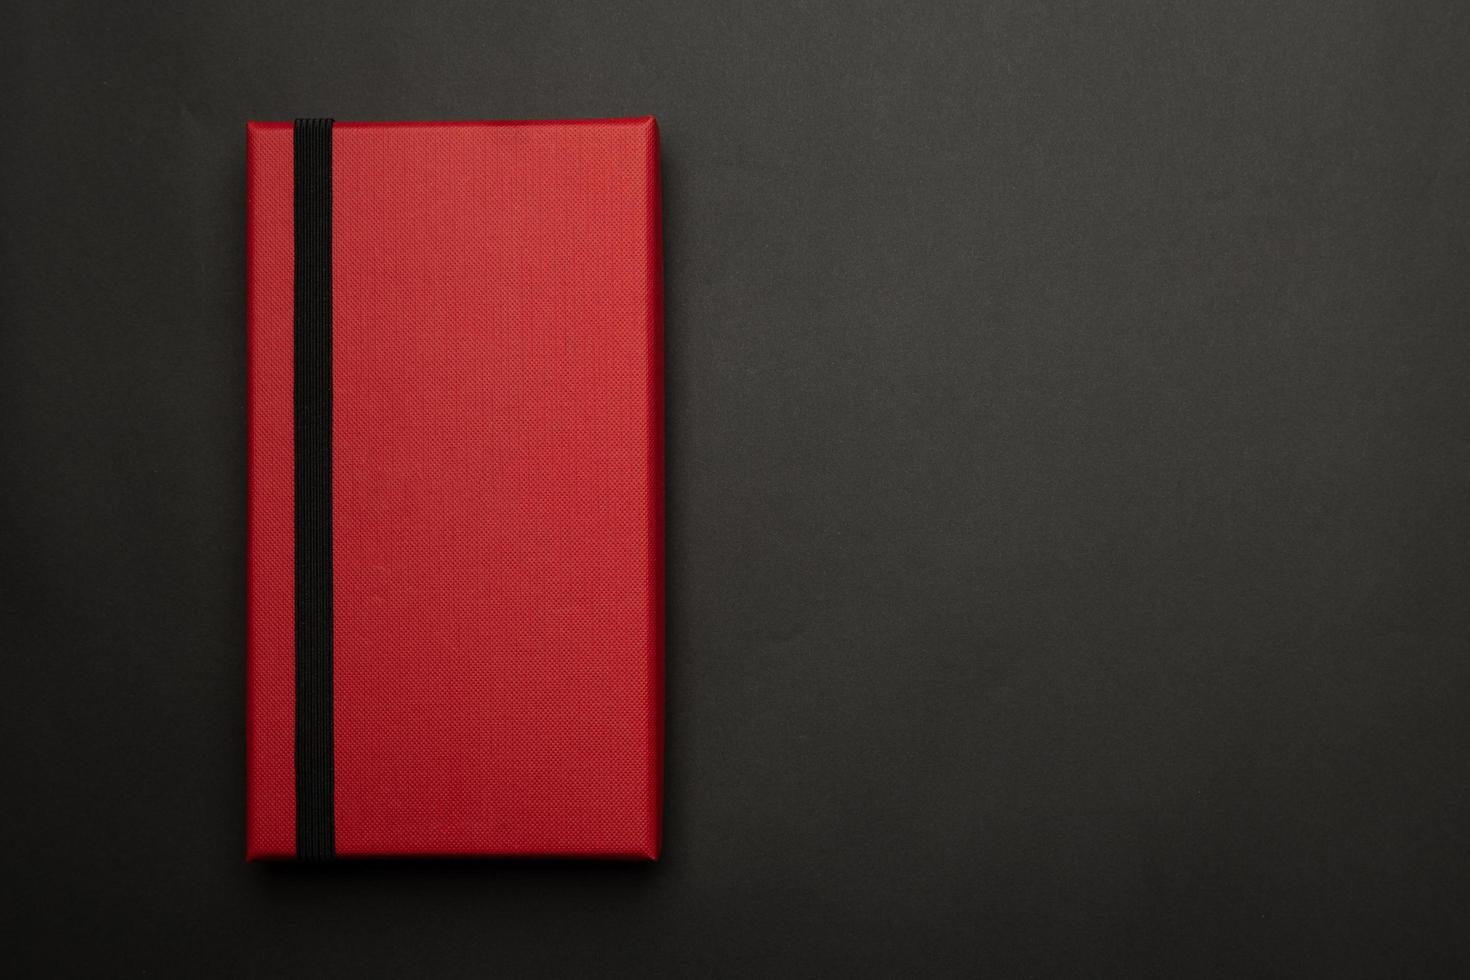 röd mall för presentförpackning foto